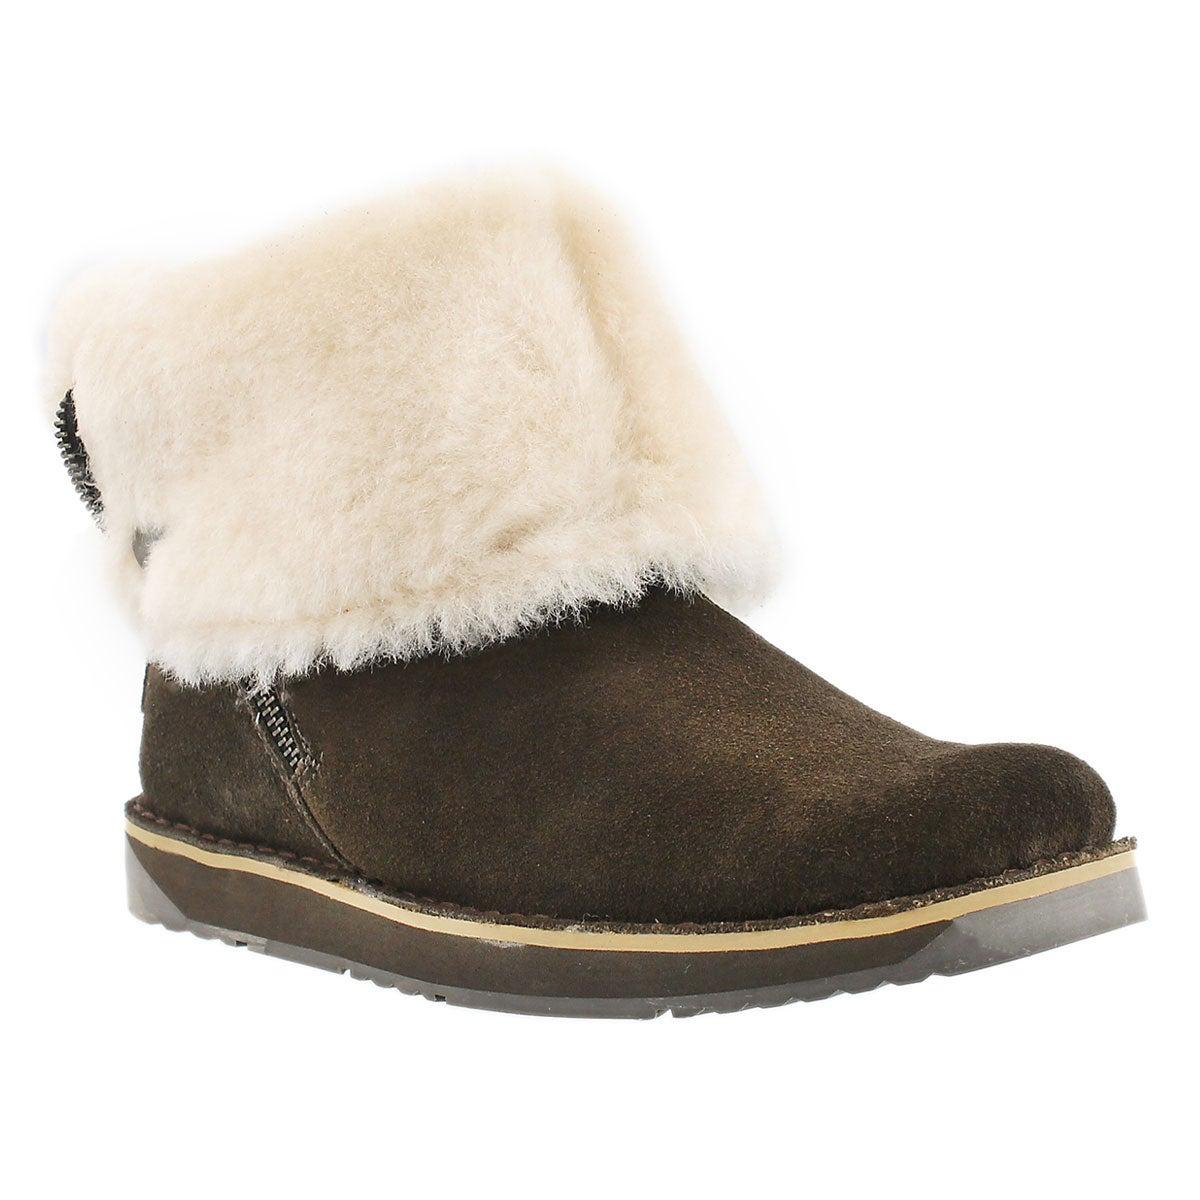 Lds Norway birch suede zipper boot